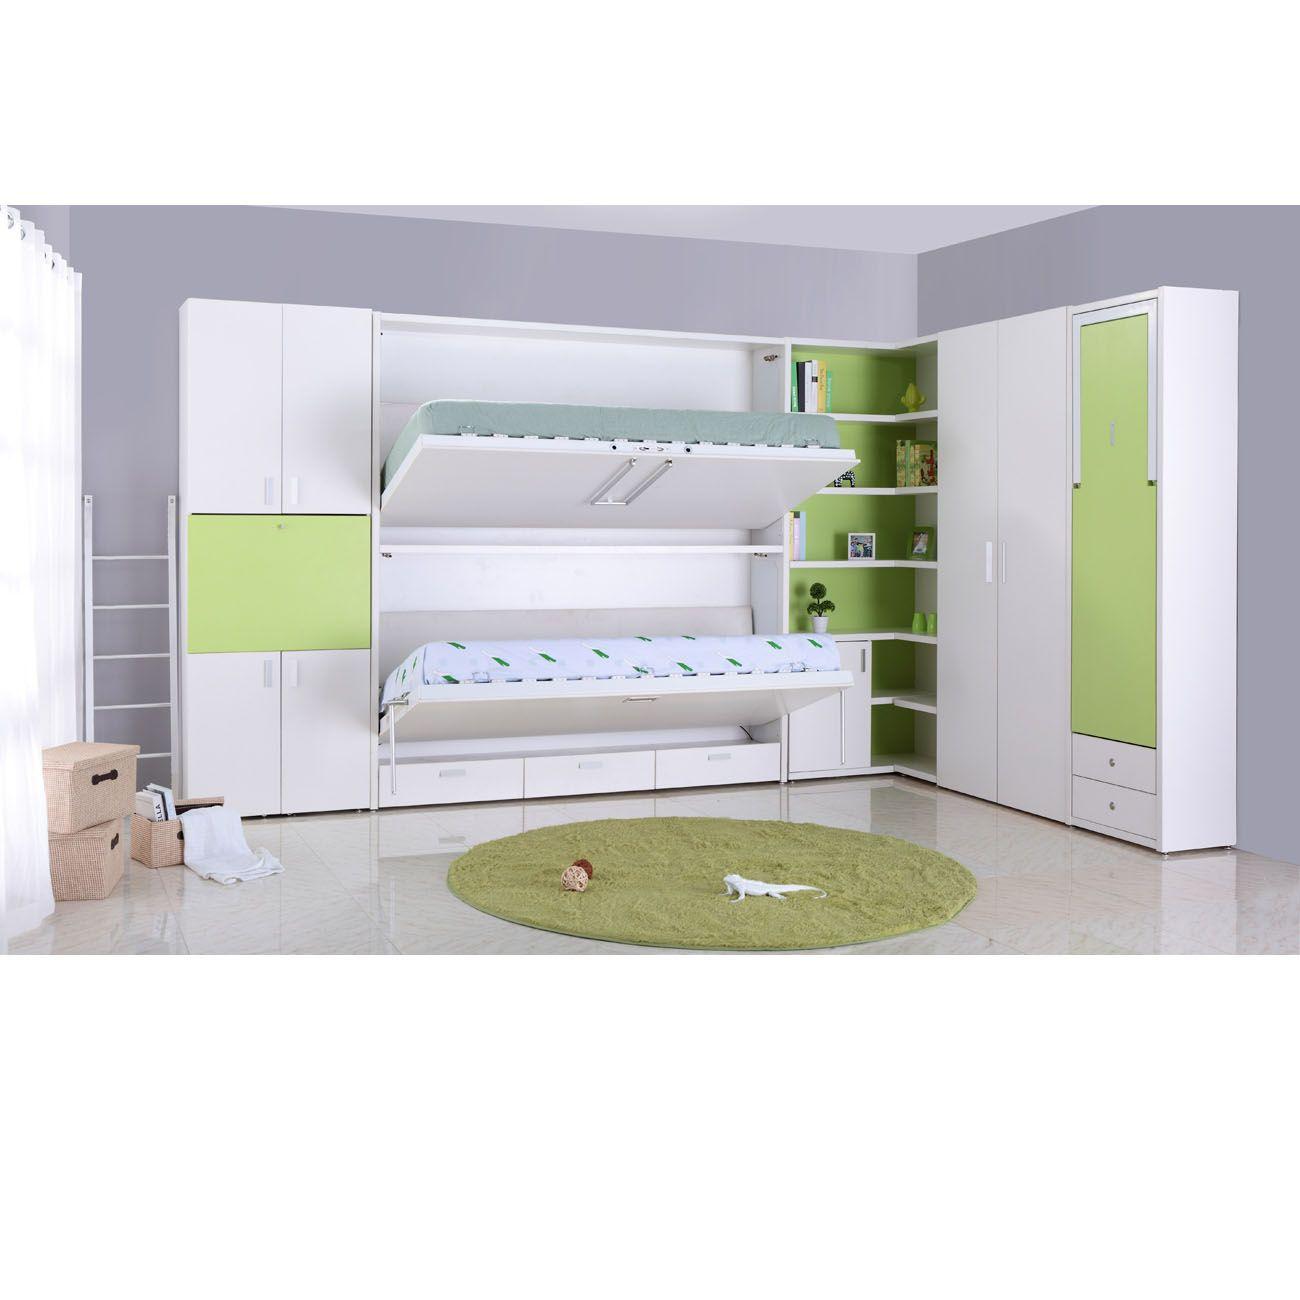 TB0930 personnalisé lit mur caché double decker multifonction pliage lit superposé Mobilier moderne Murphy lit avec canapé